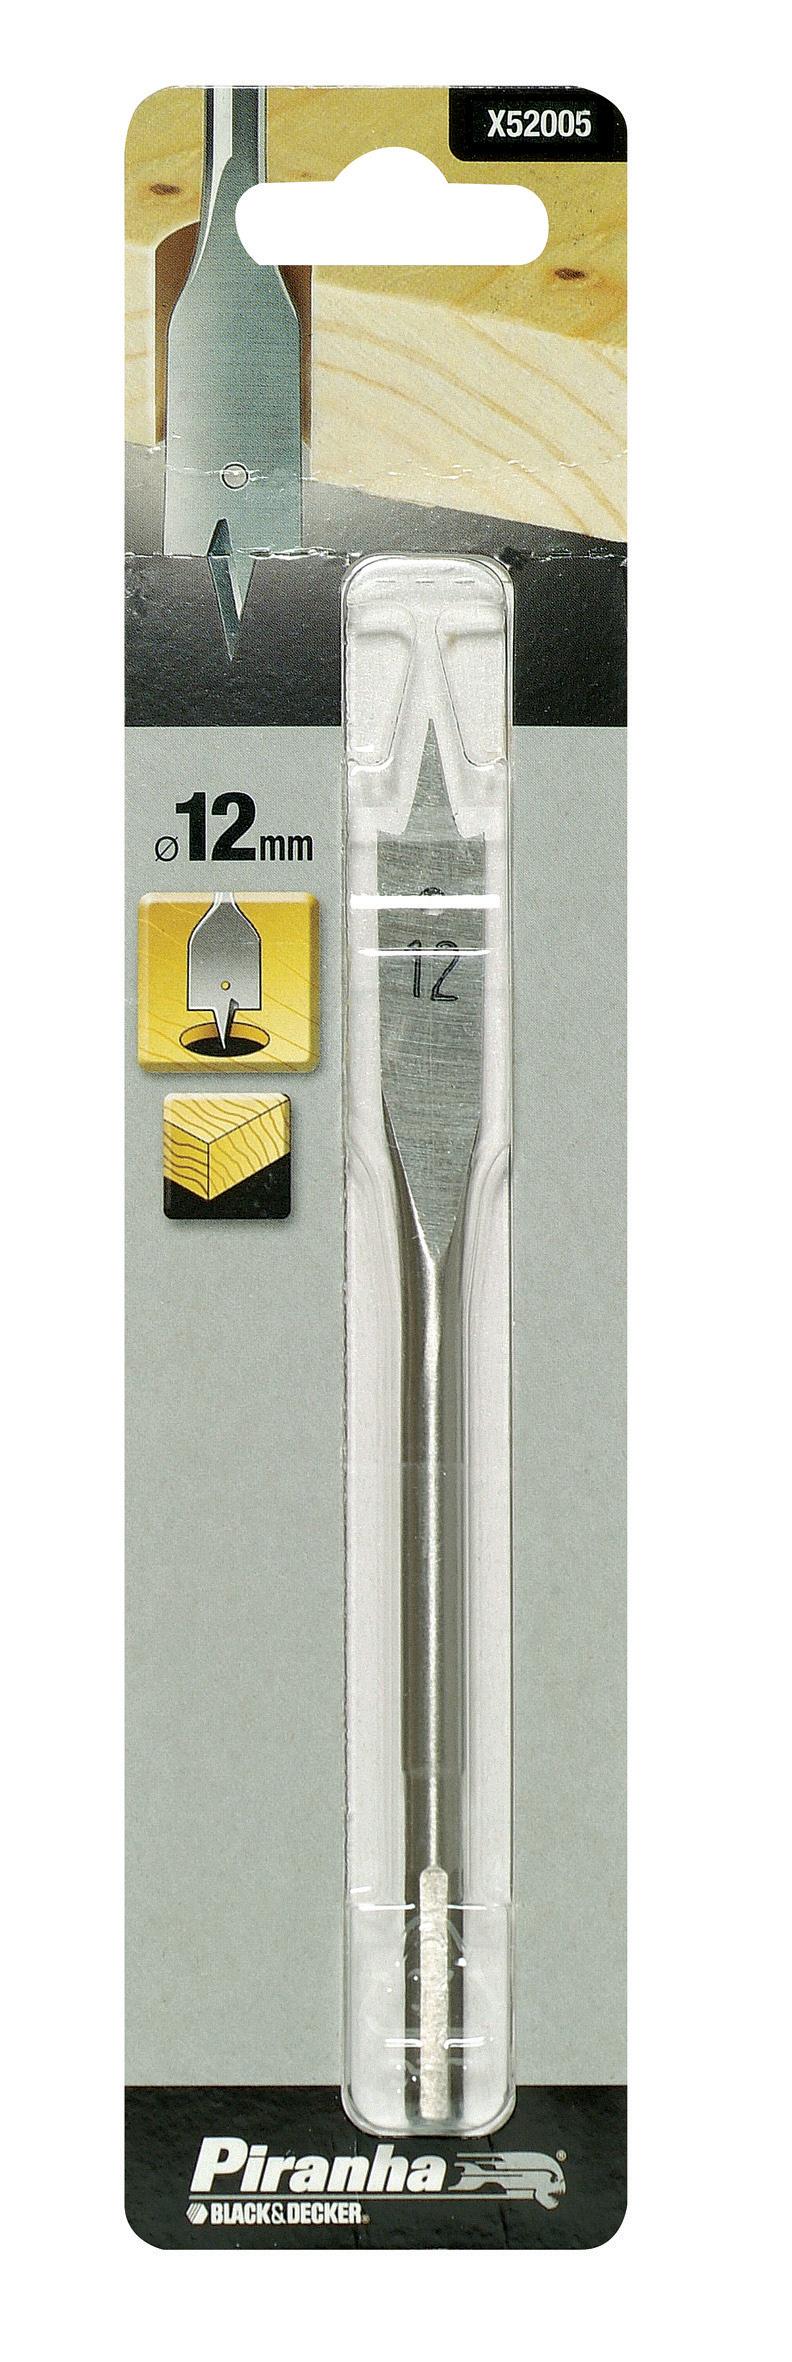 PIRANHA X52005 PUNTA PER LEGNO A TESTA PIATTA MM. 12 http://www.decariashop.it/accessori-per-elettroutensili/20727-piranha-x52005-punta-per-legno-a-testa-piatta-mm-12.html